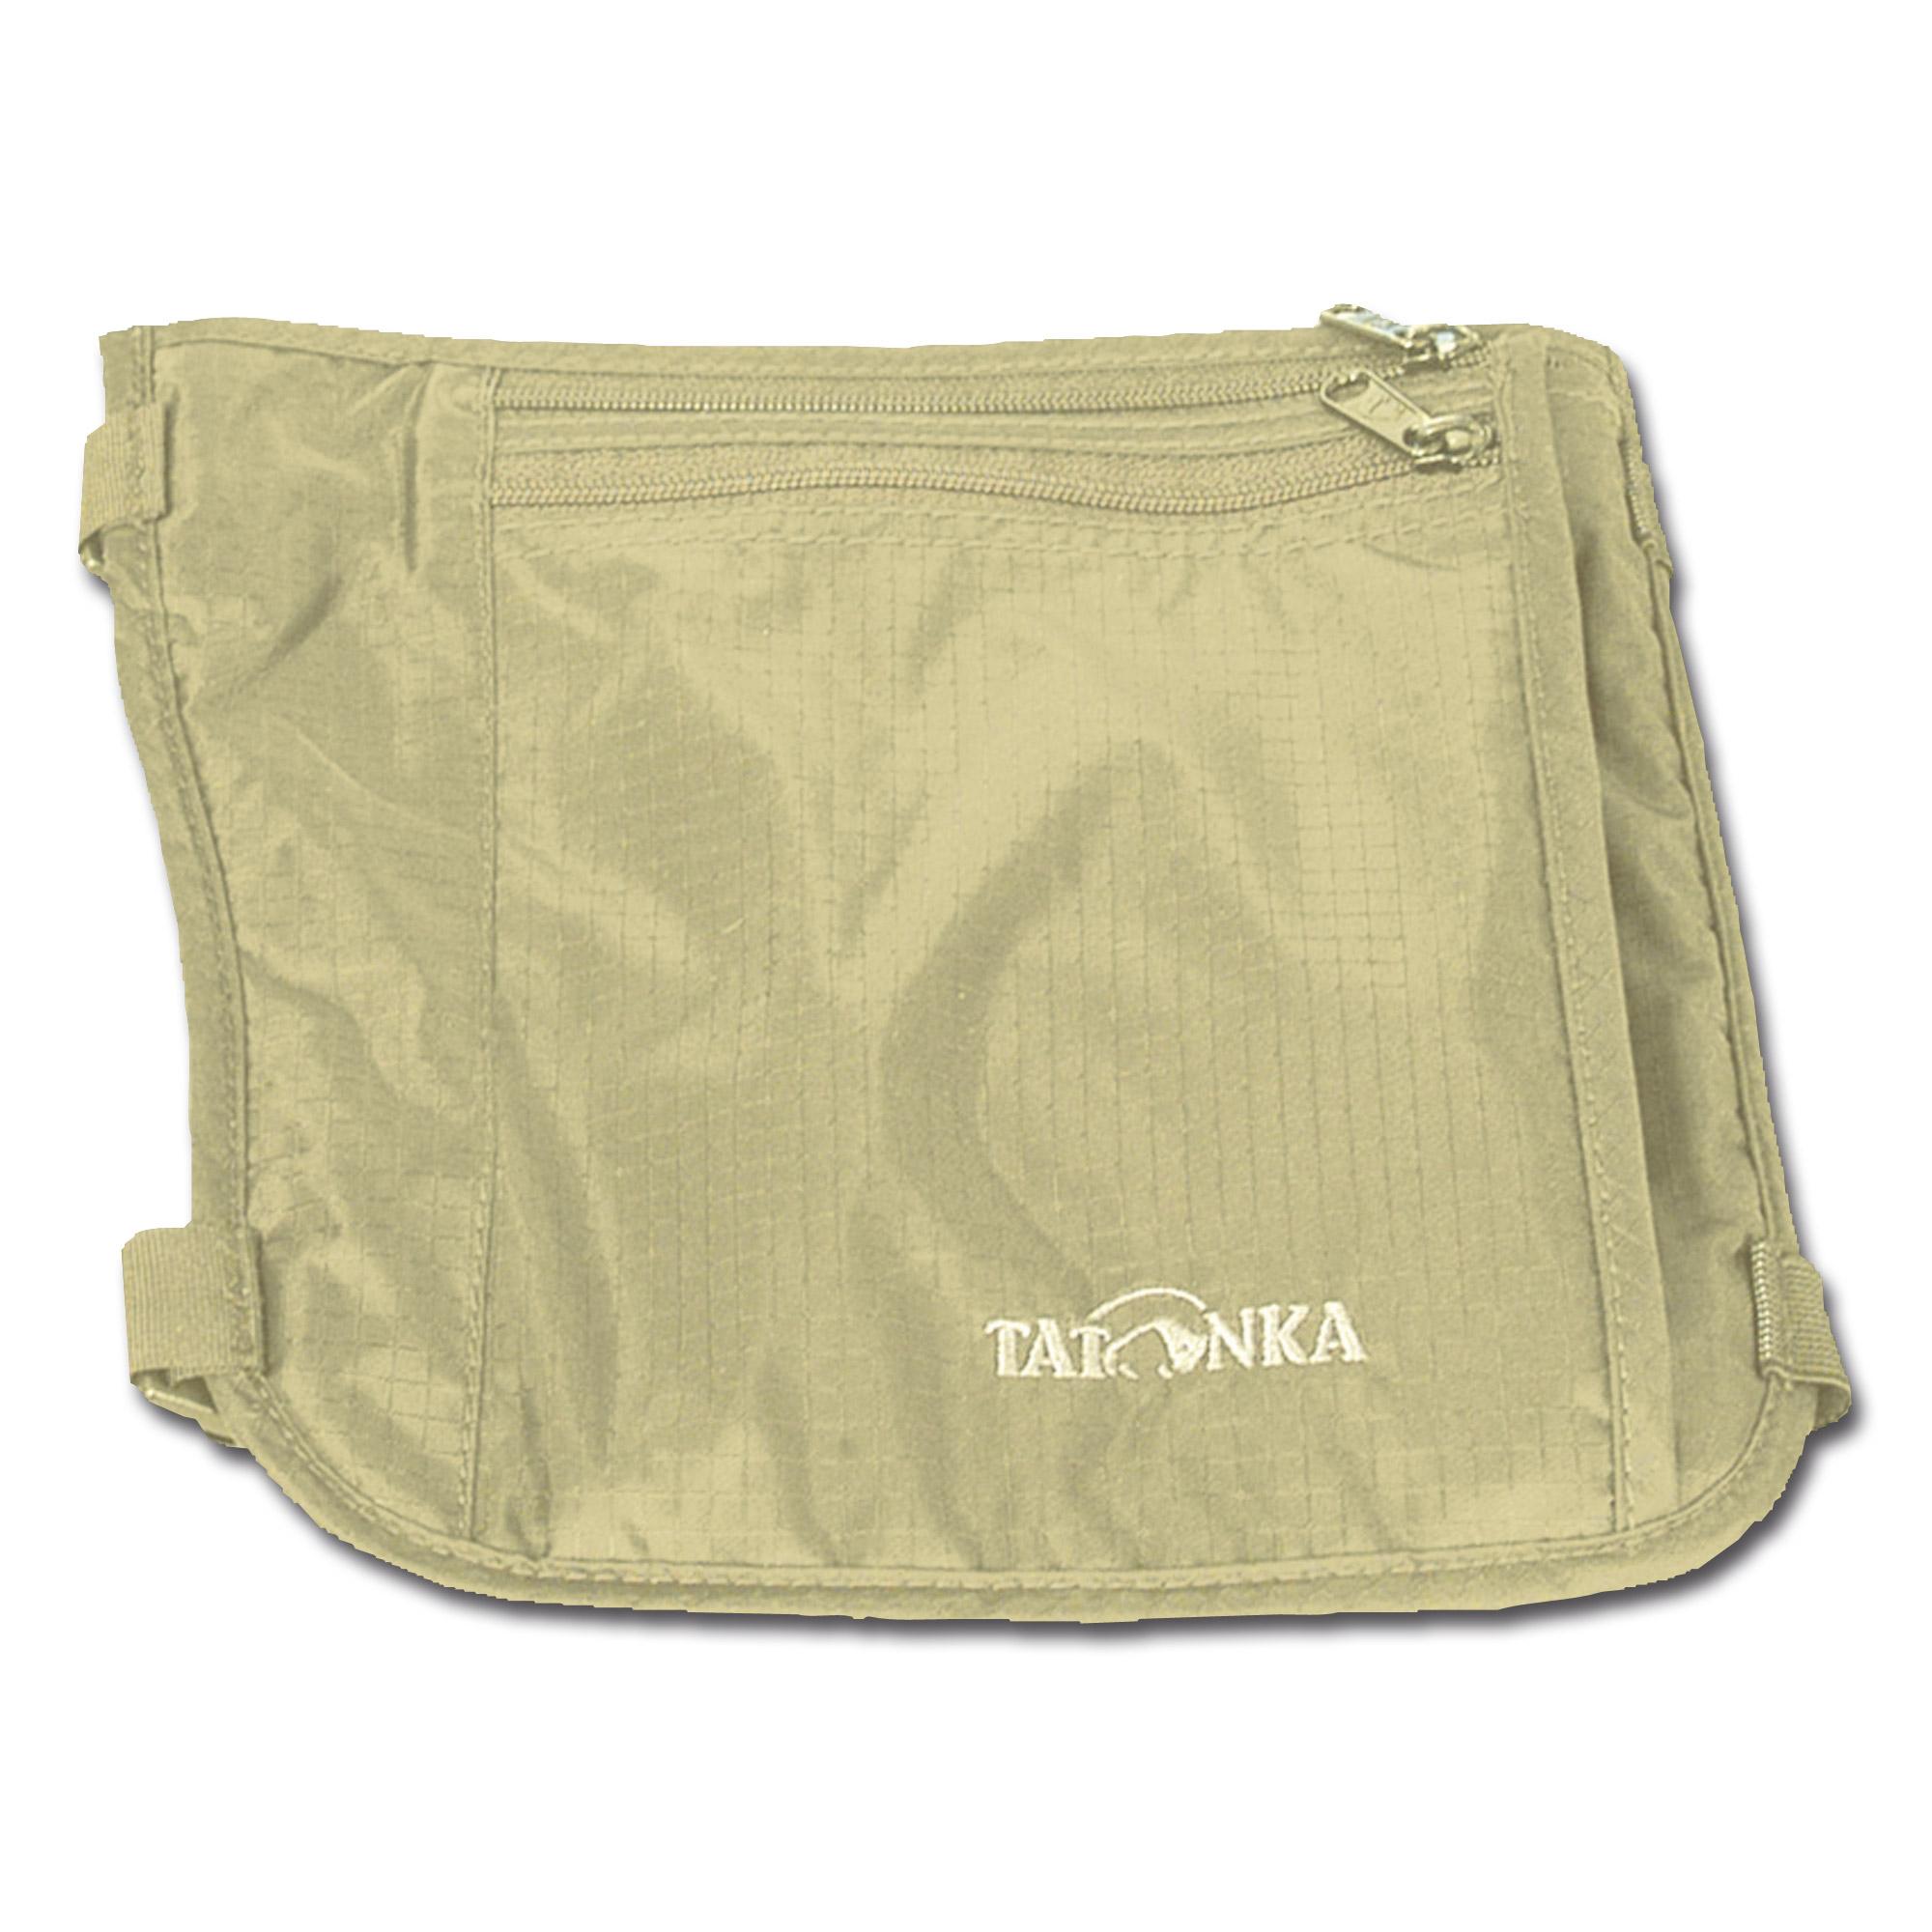 Tatonka Skin bolsillo secreto natural